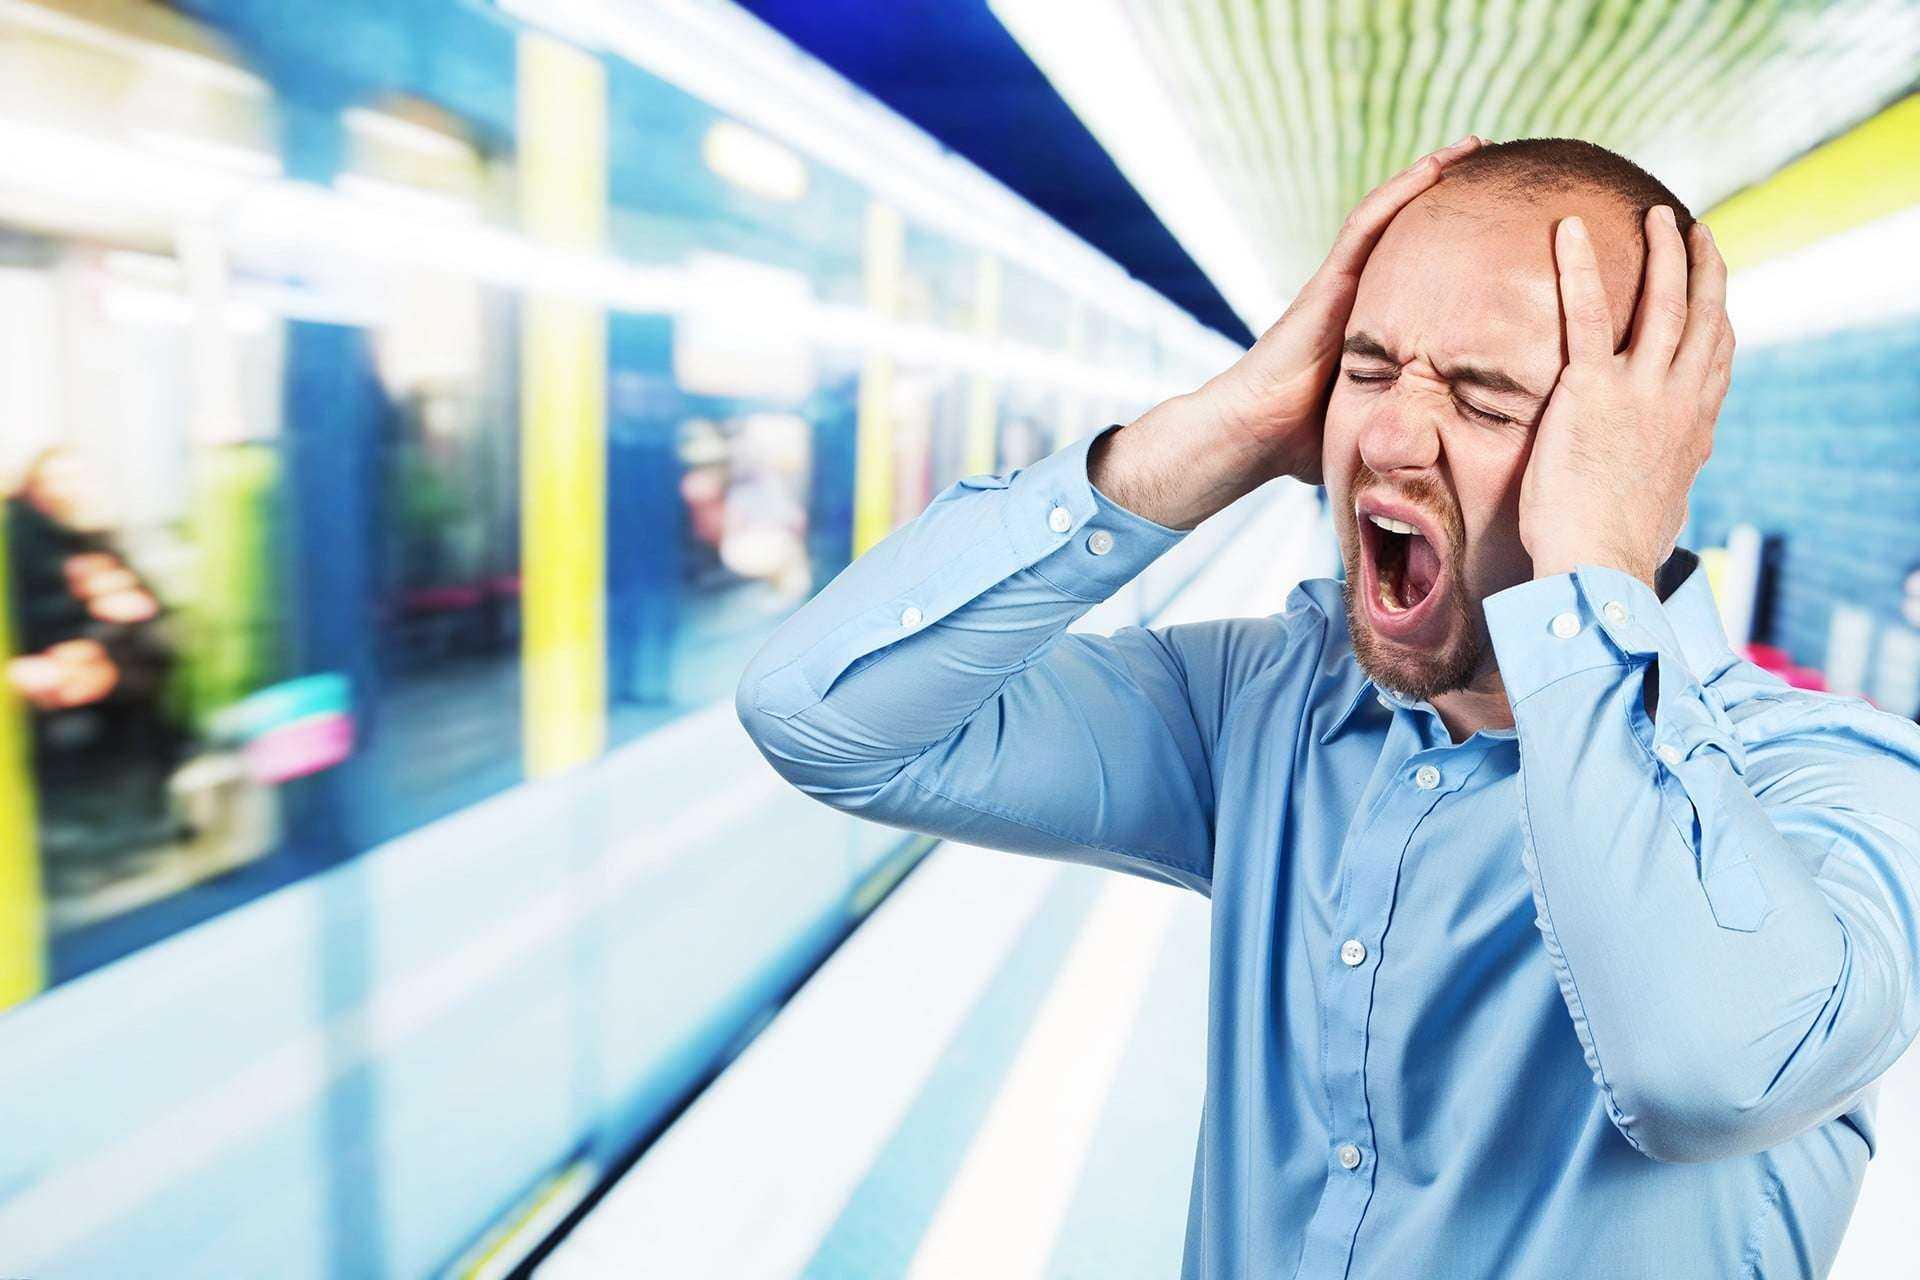 Panik Atak Belirtileri ve Tedavi Yöntemleri Nelerdir? 1